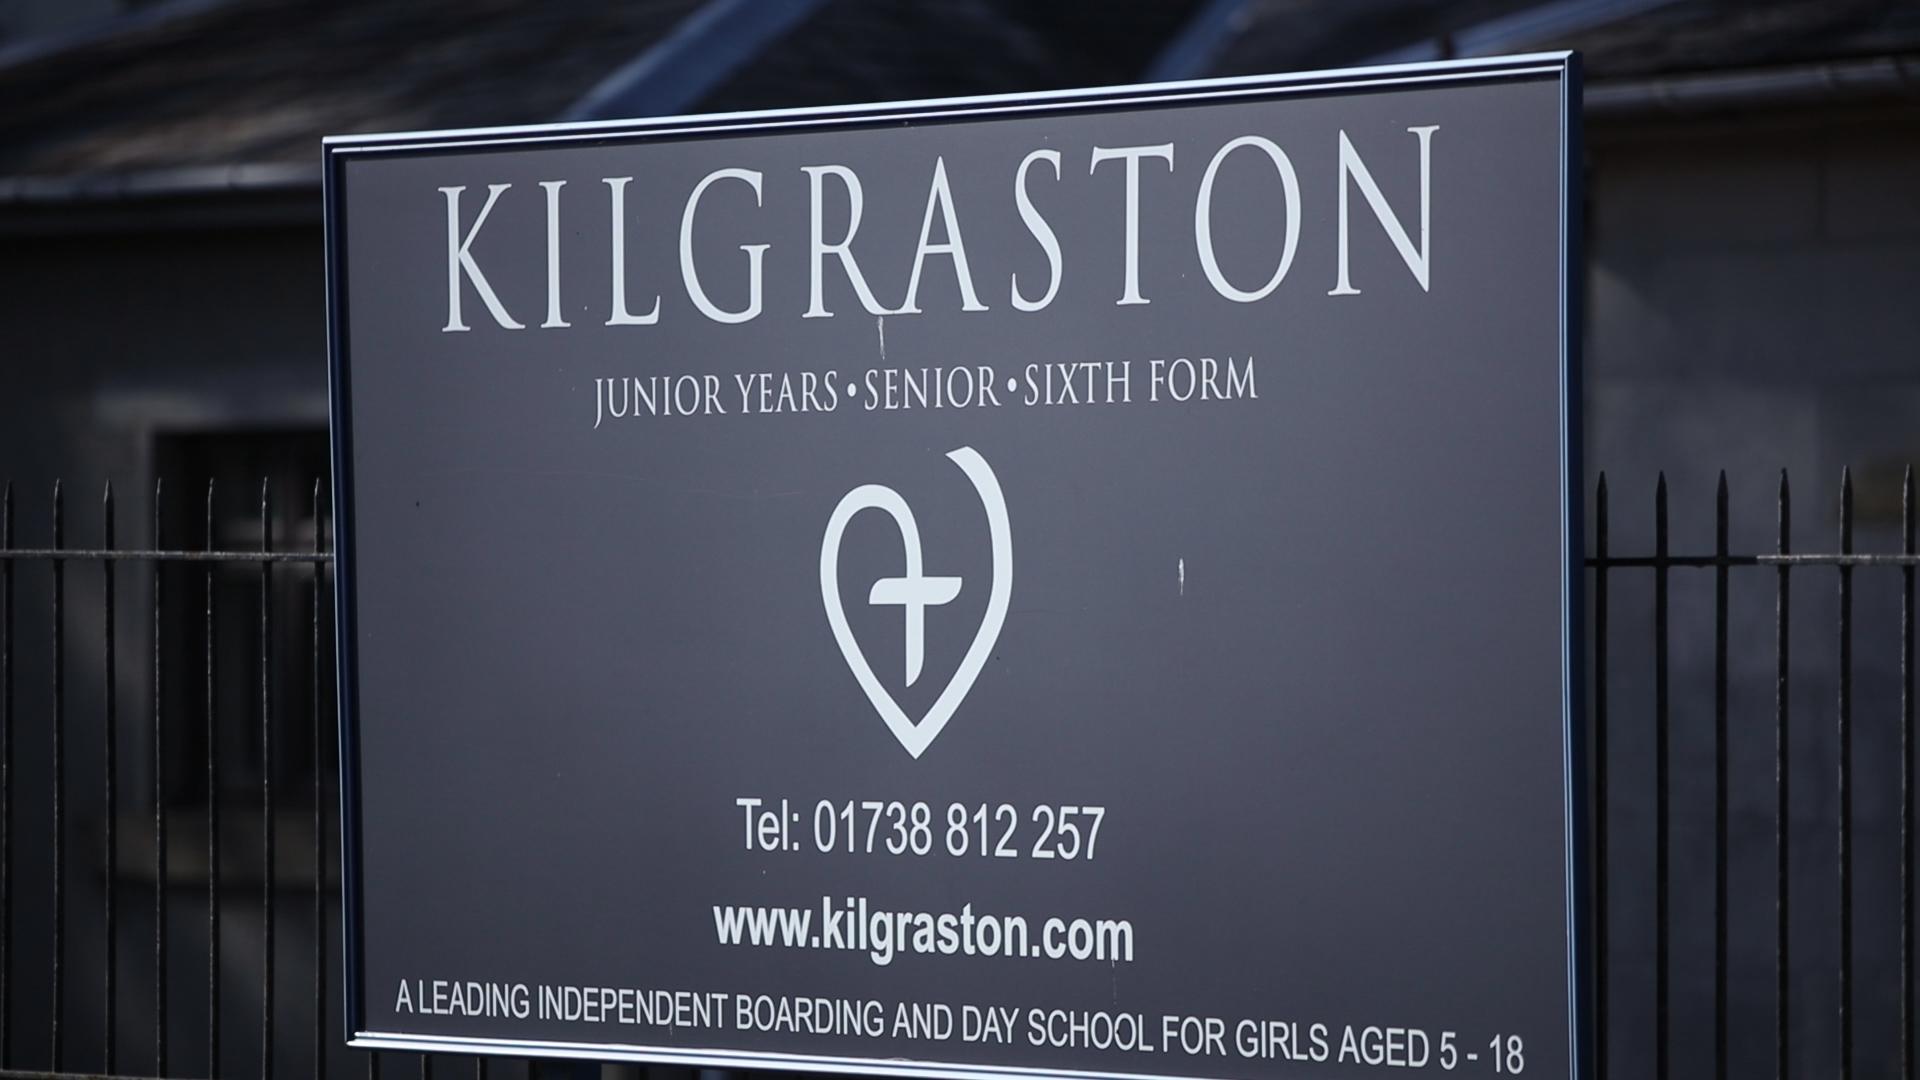 Kilgraston School